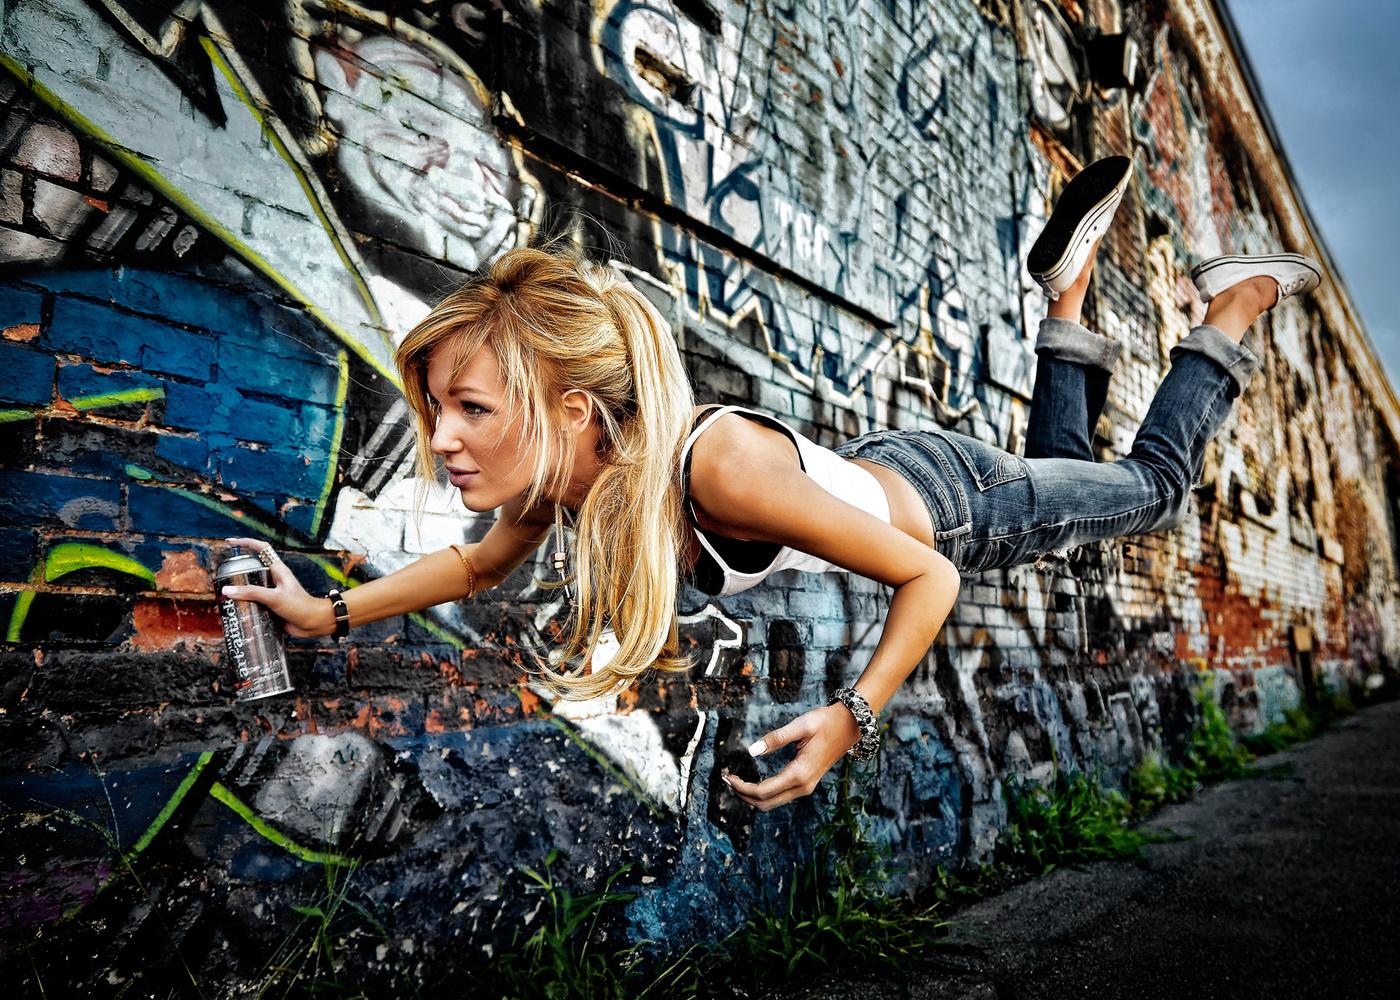 Art Attack by Hank Rintjema